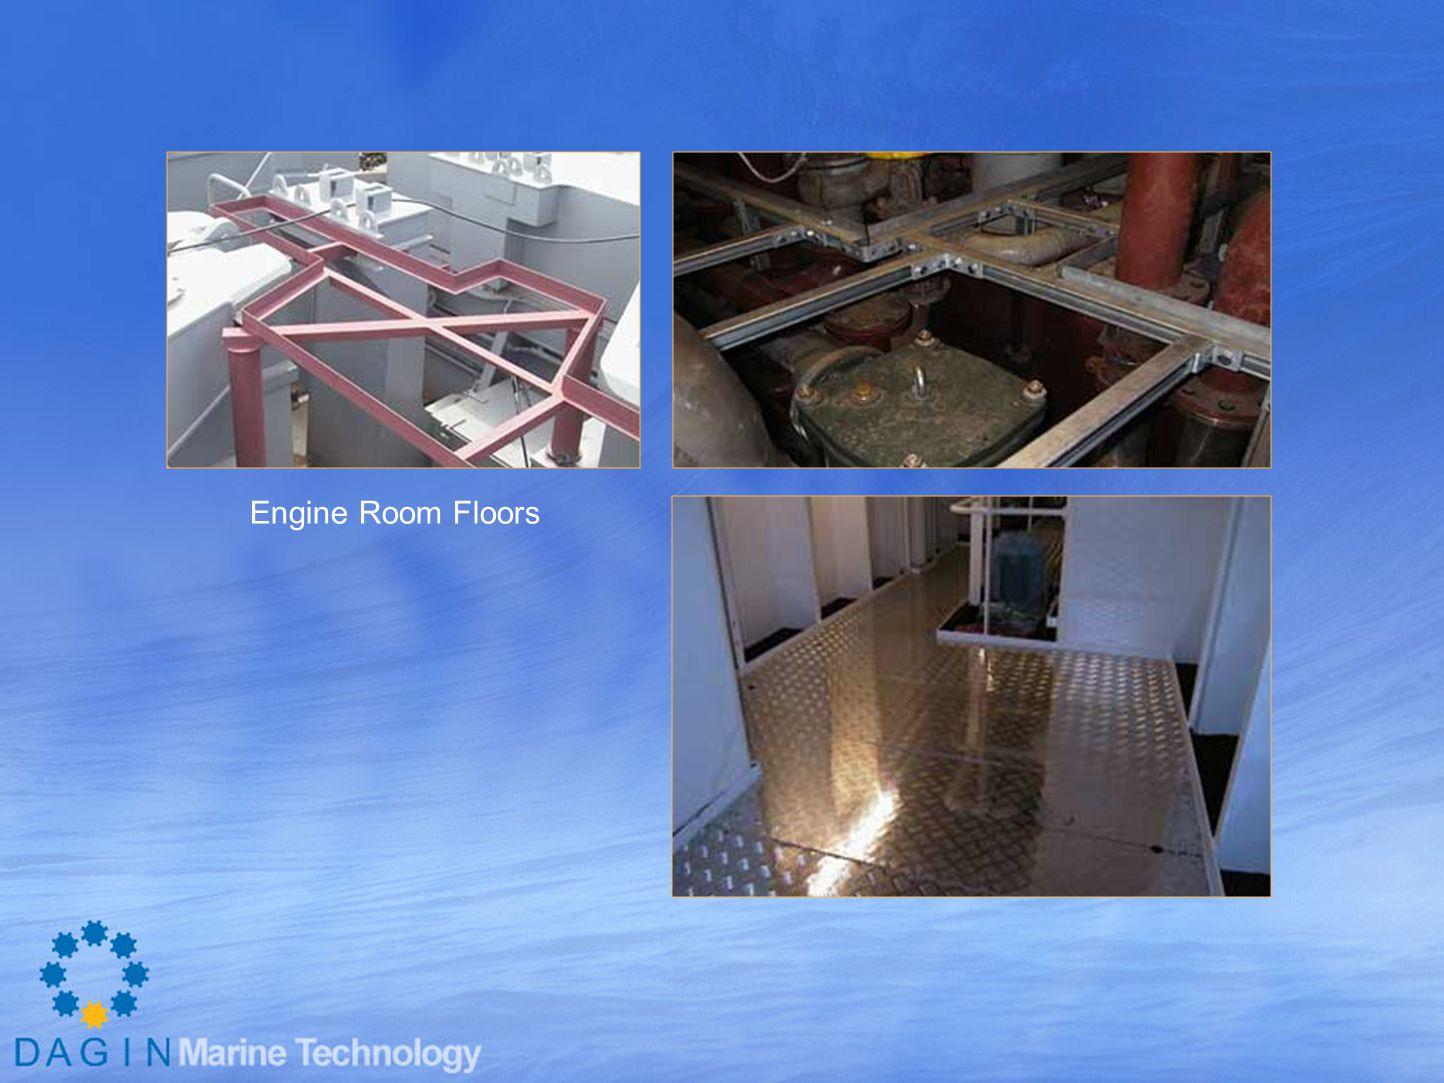 Engine Room Floors